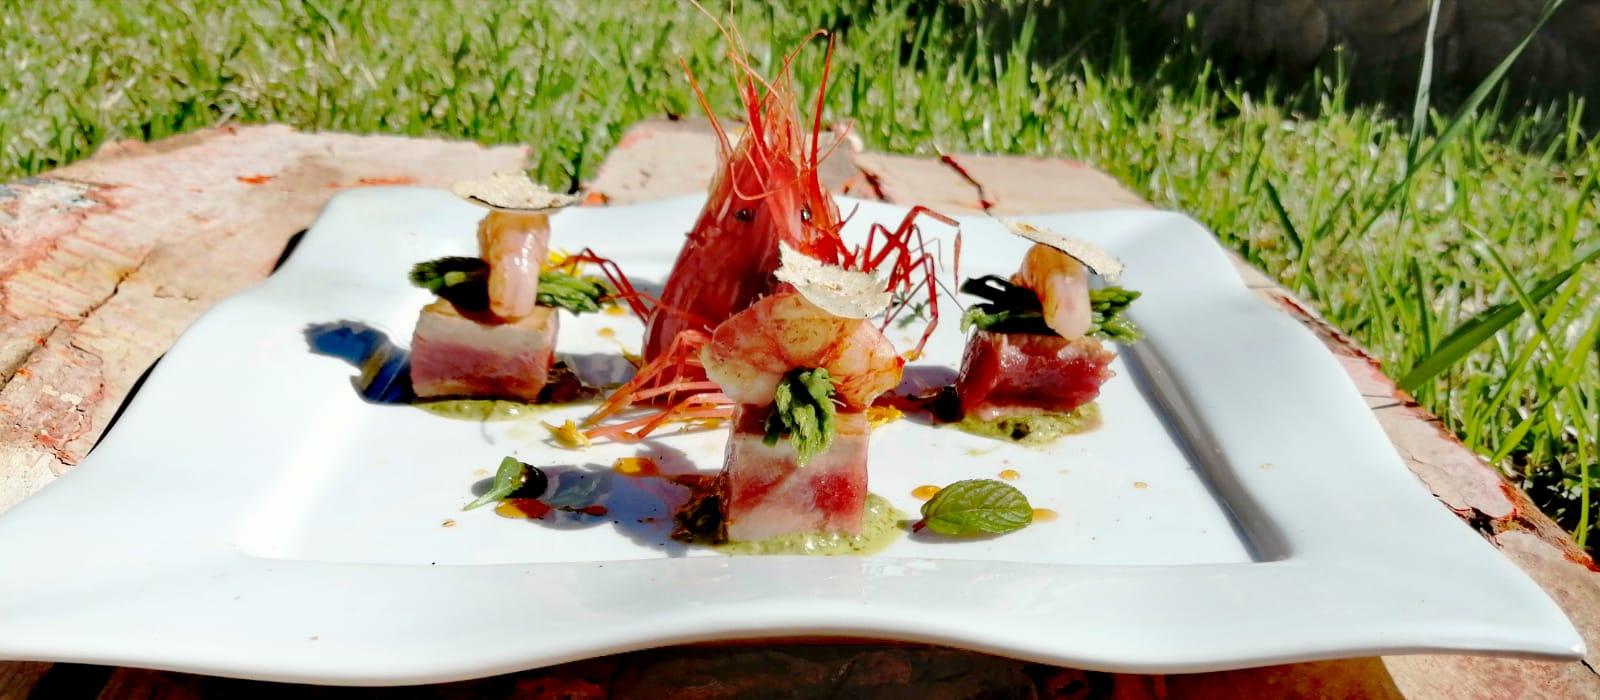 La rivincita del tartufo nero siciliano con la ricetta degli chef Pipitone e Davì